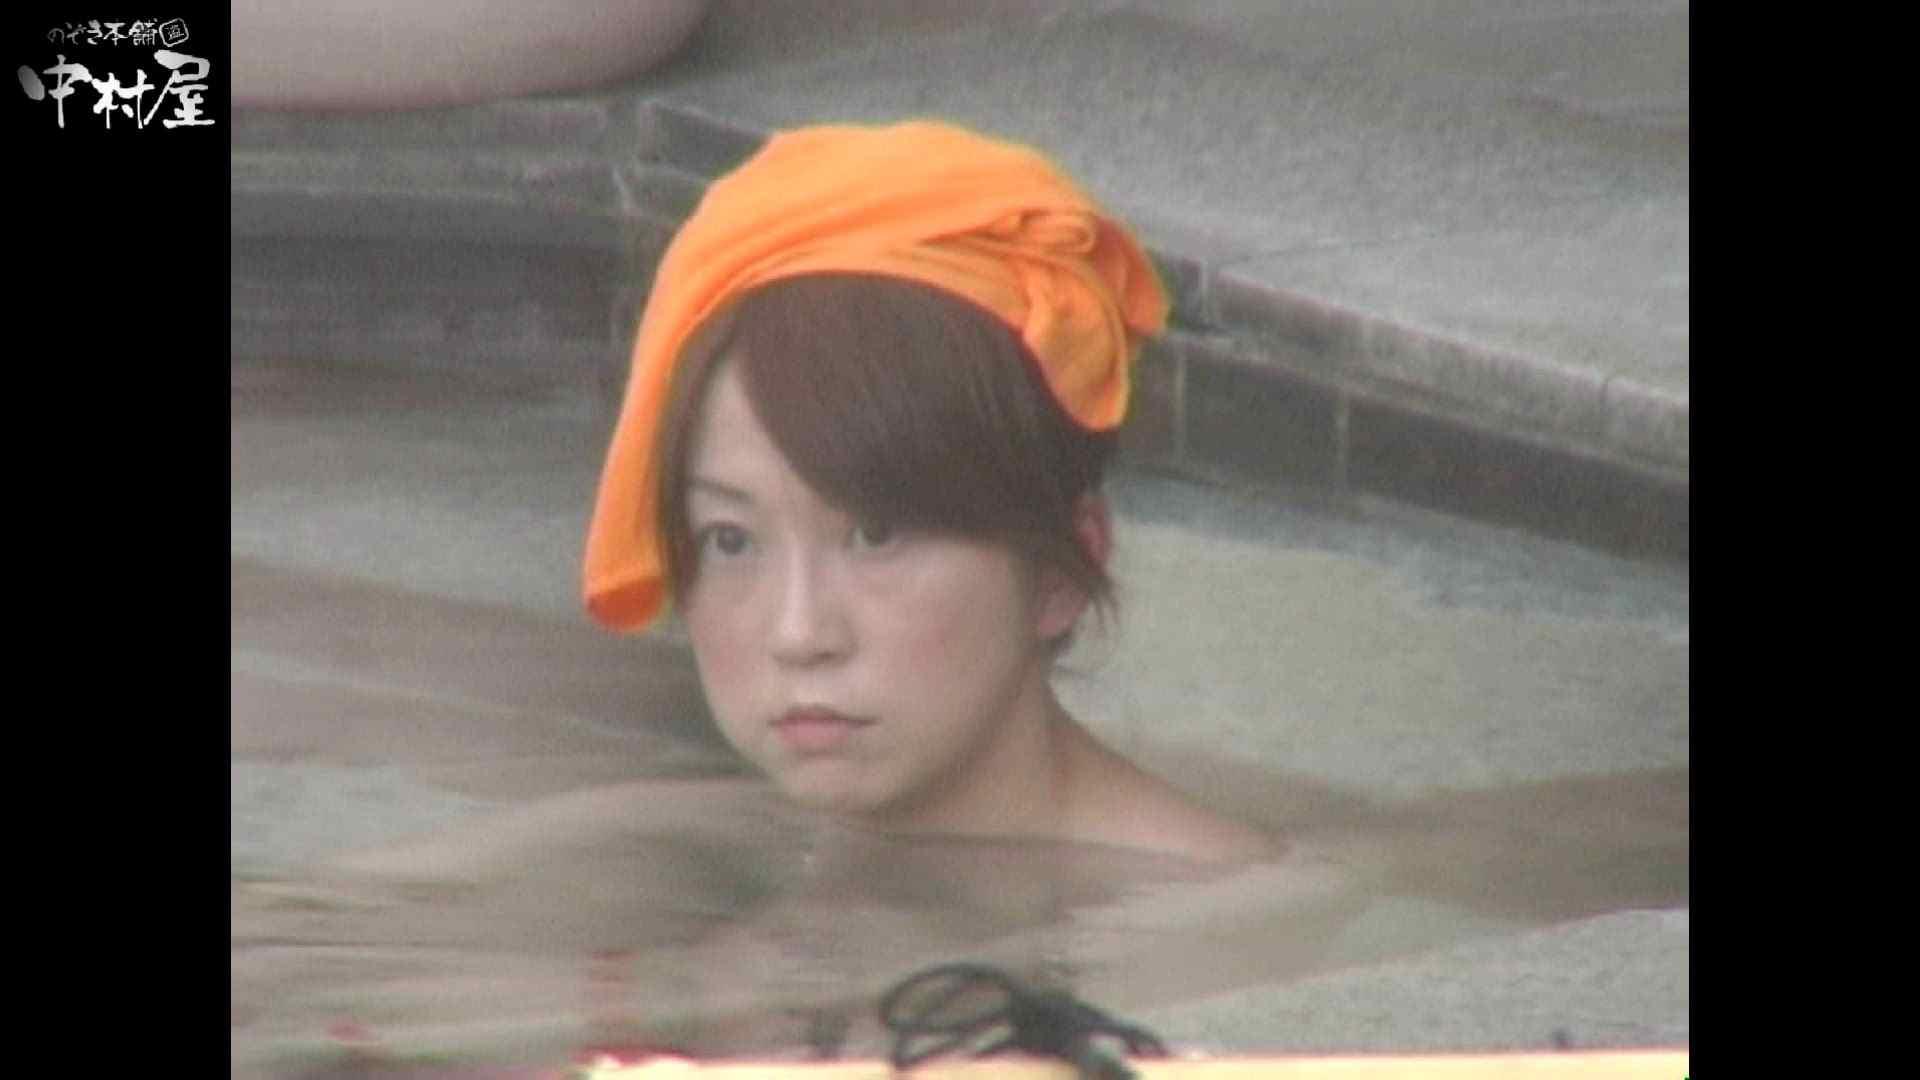 Aquaな露天風呂Vol.941 美しいOLの裸体 アダルト動画キャプチャ 76pic 35